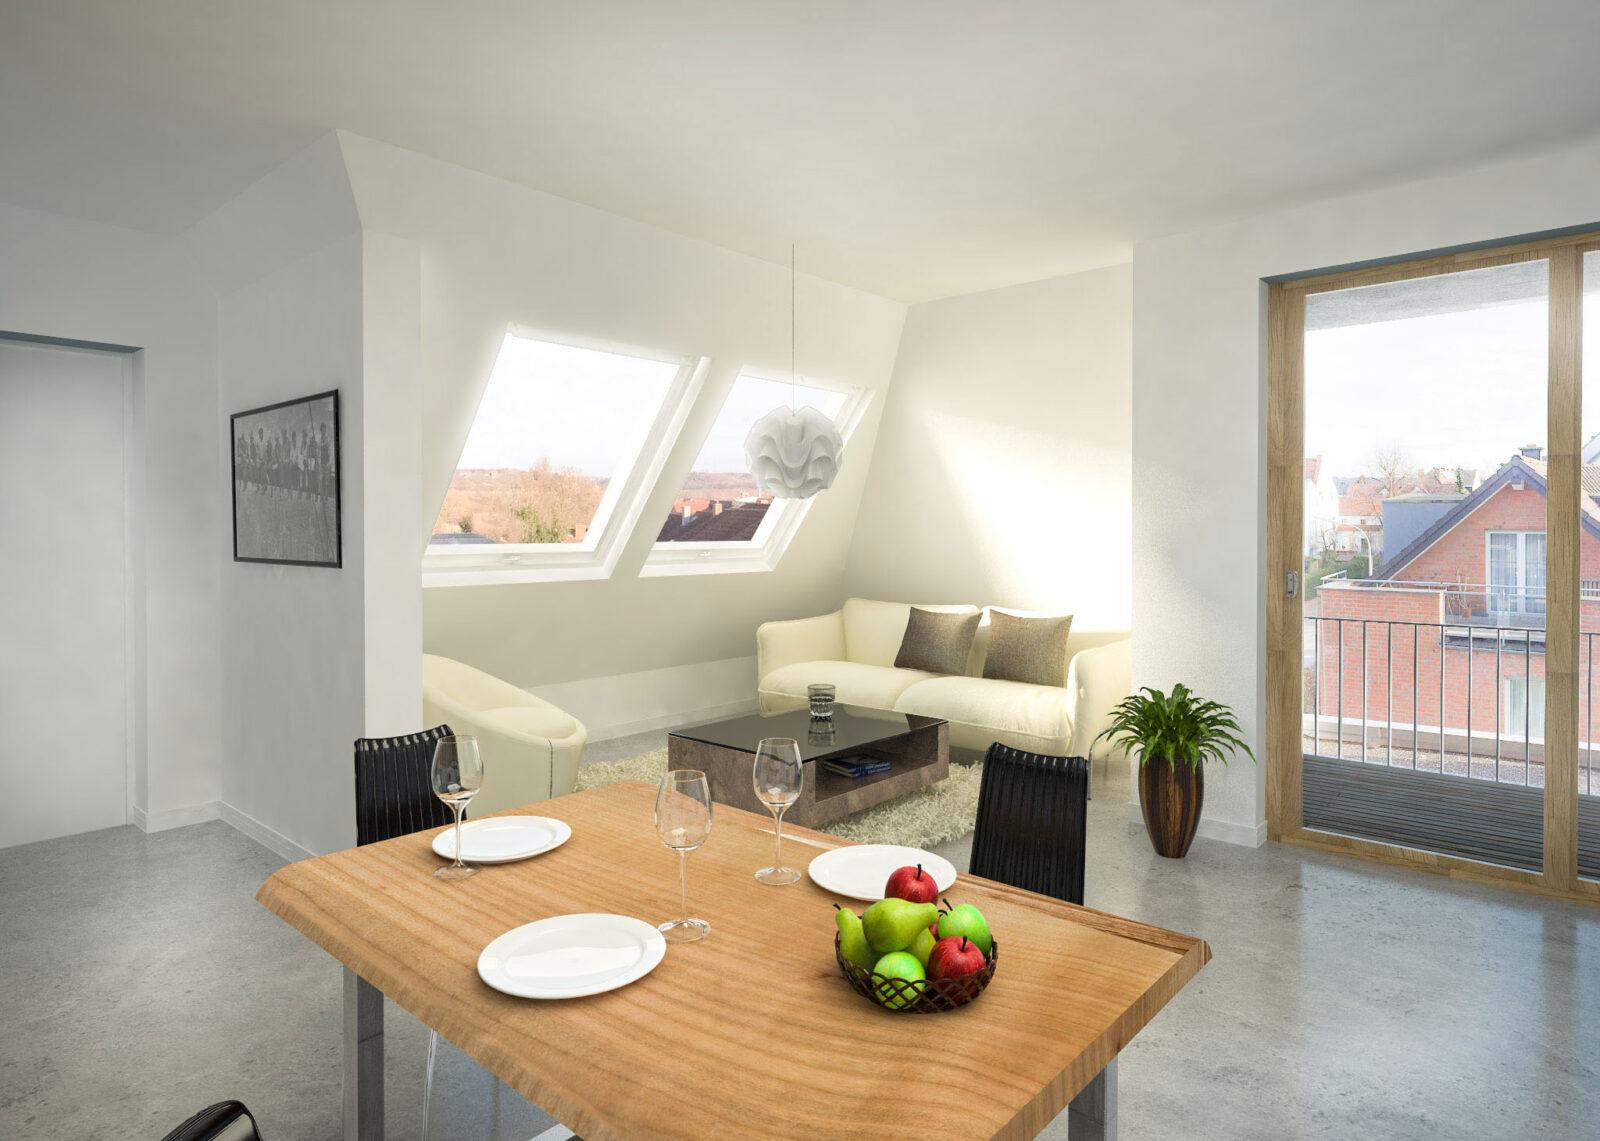 Küchentisch und Wohnzimmer